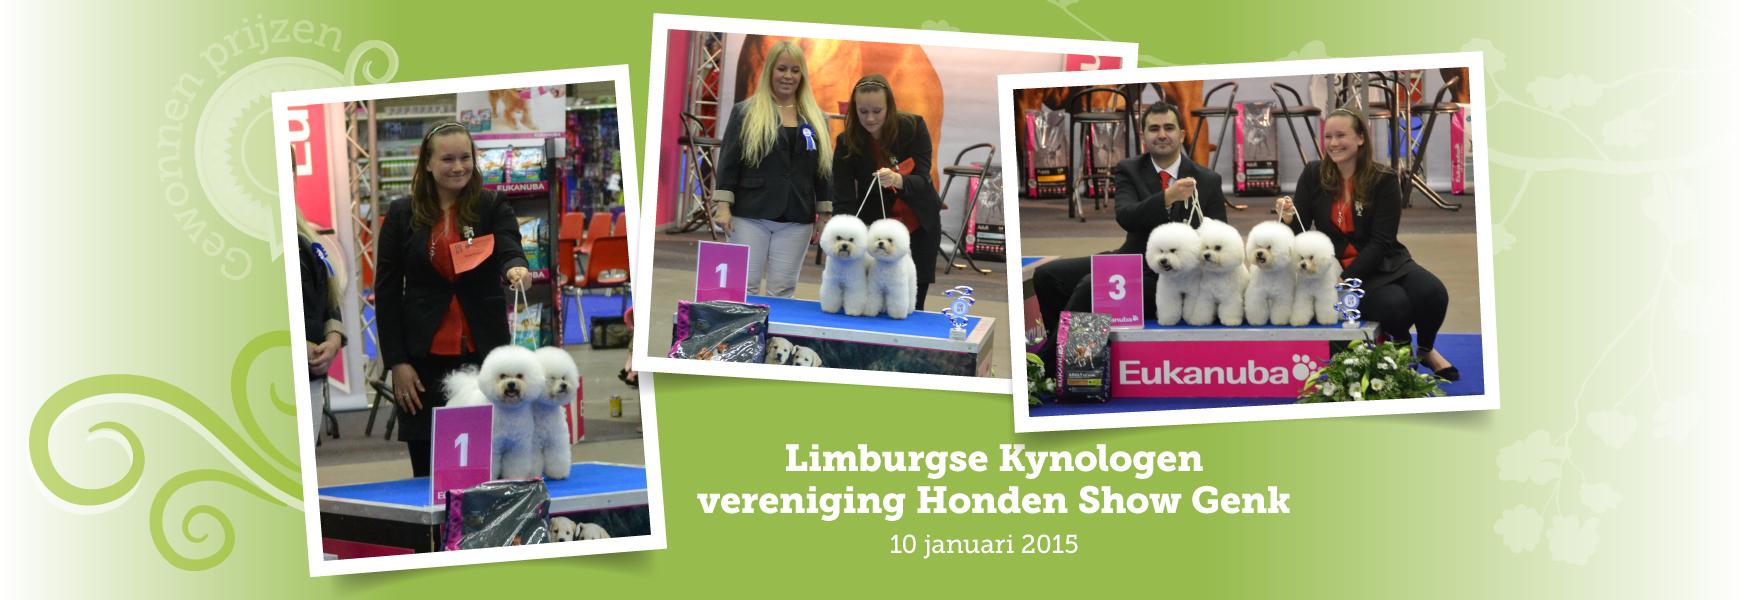 slide_02_LimburgseKynologen_Genk-18B